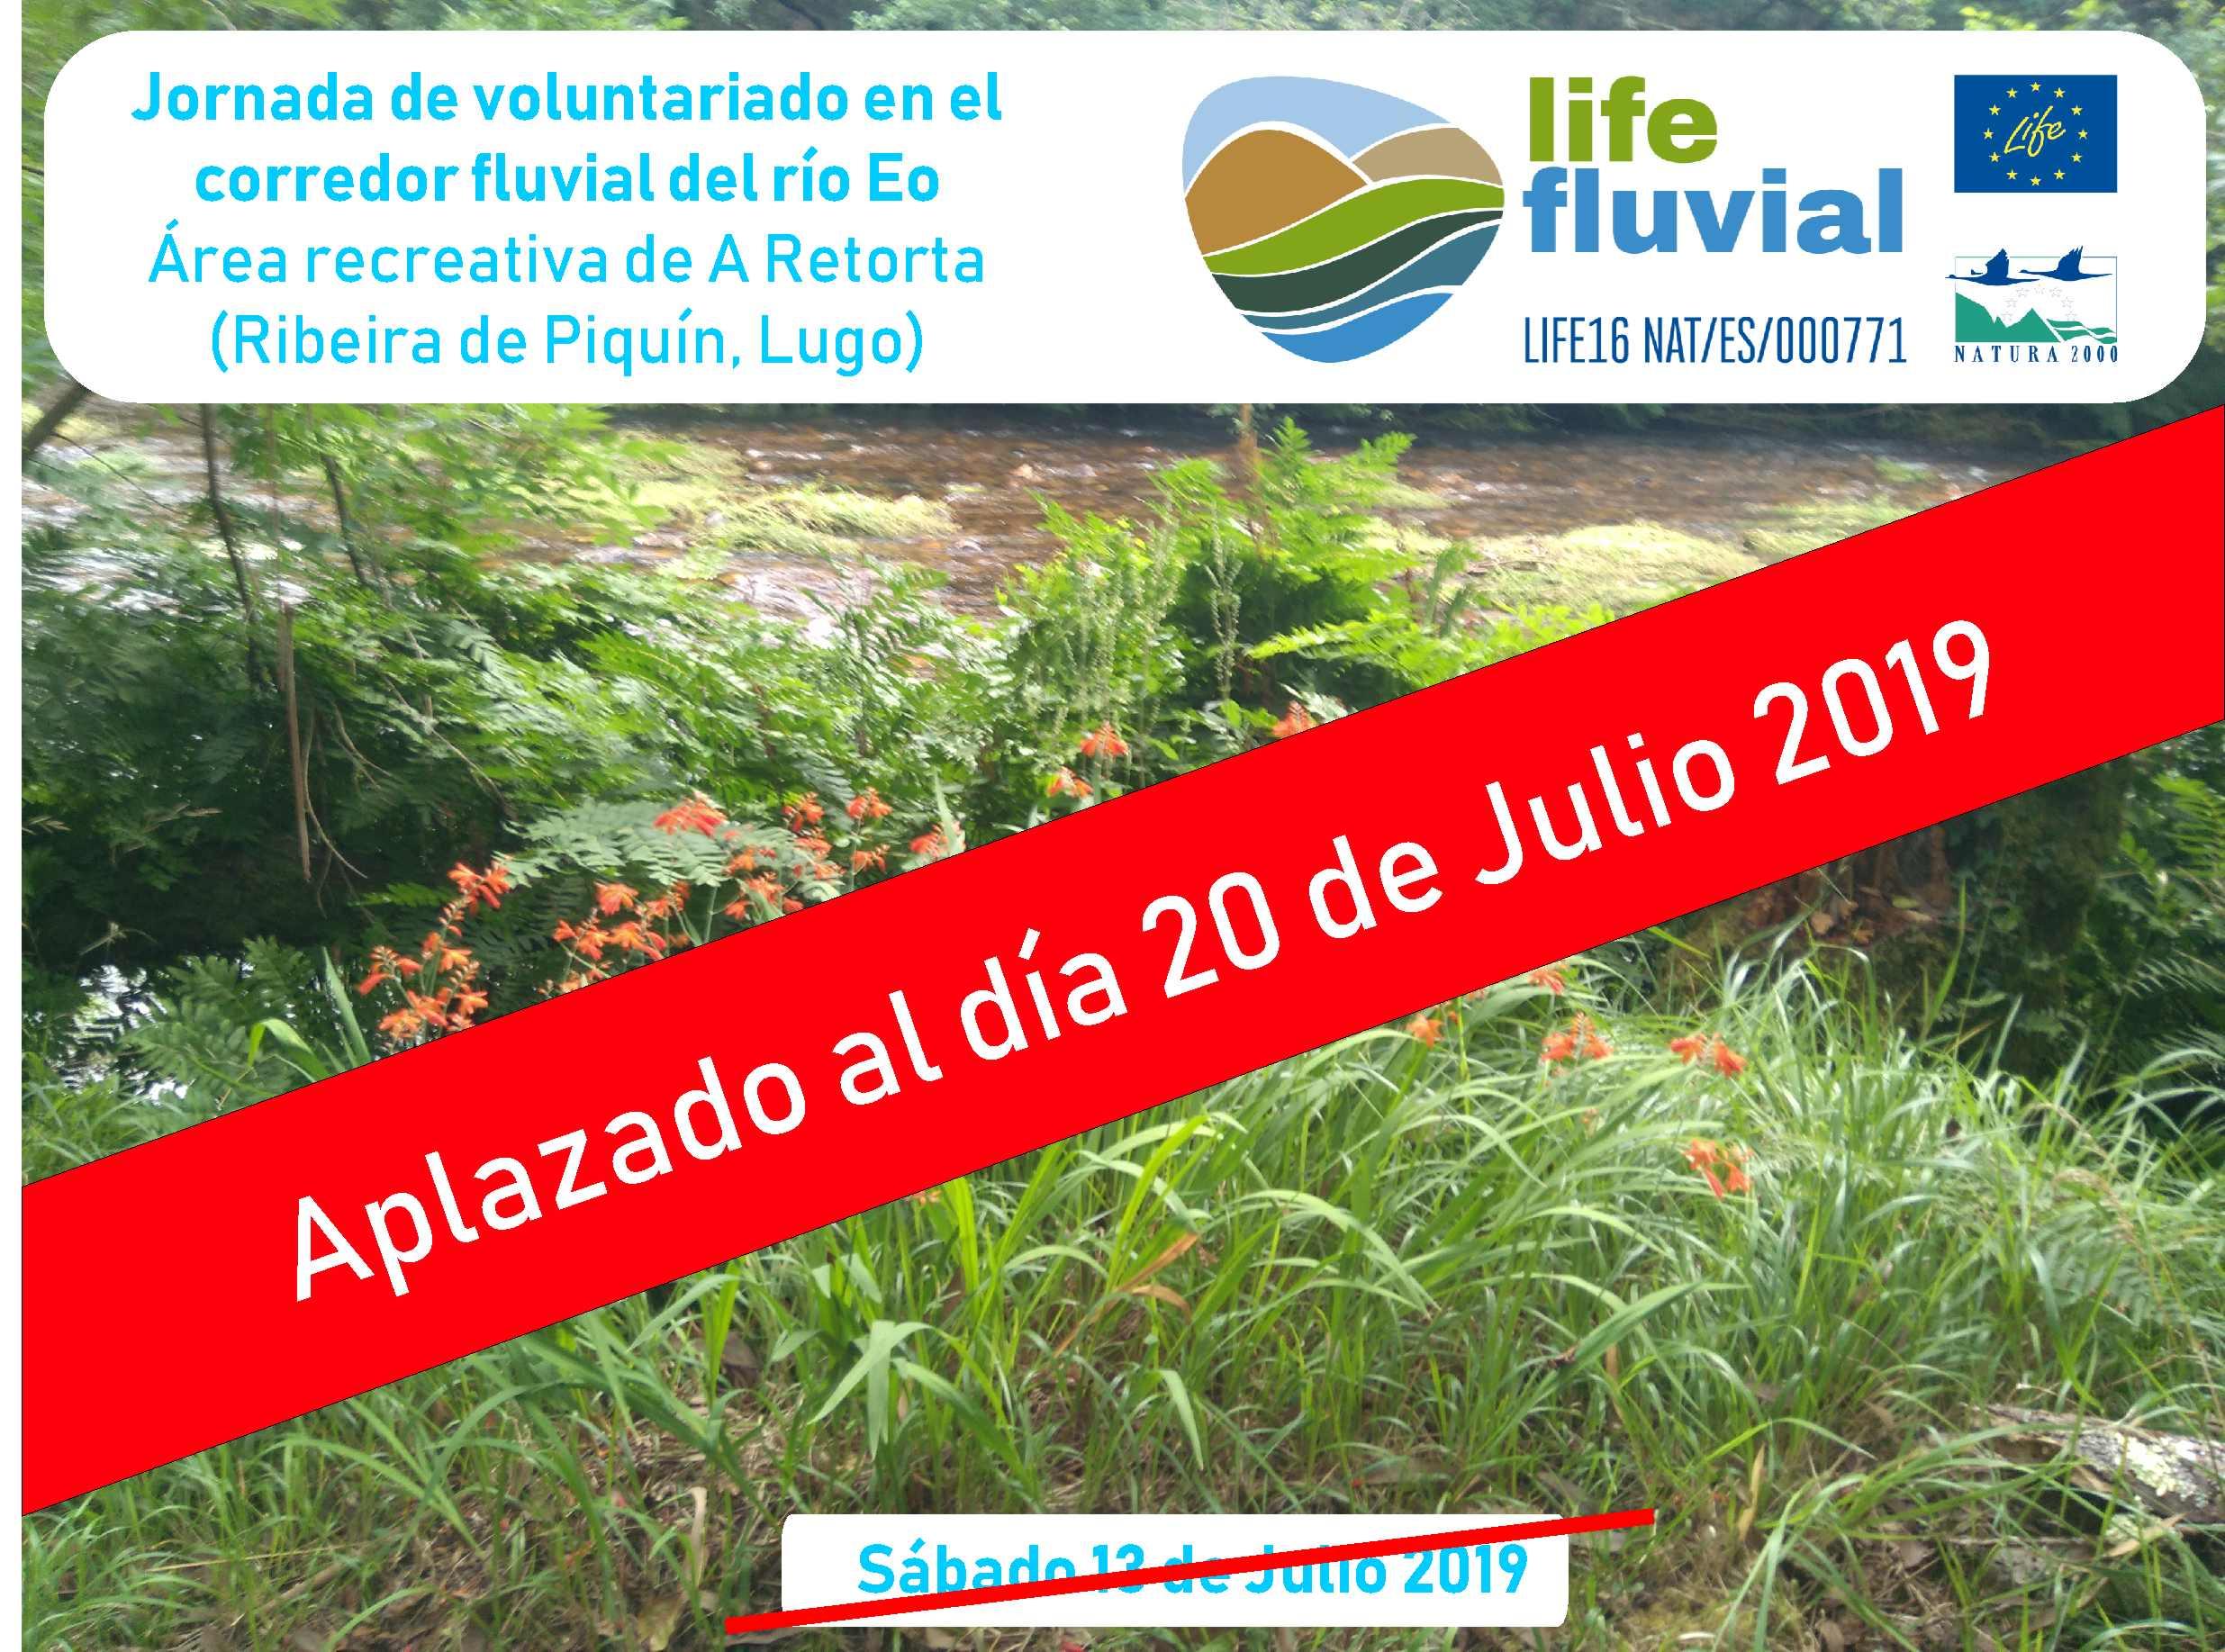 Jornada de voluntariado del día 13 aplazada al día 20 de julio en el corredor fluvial del río Eo